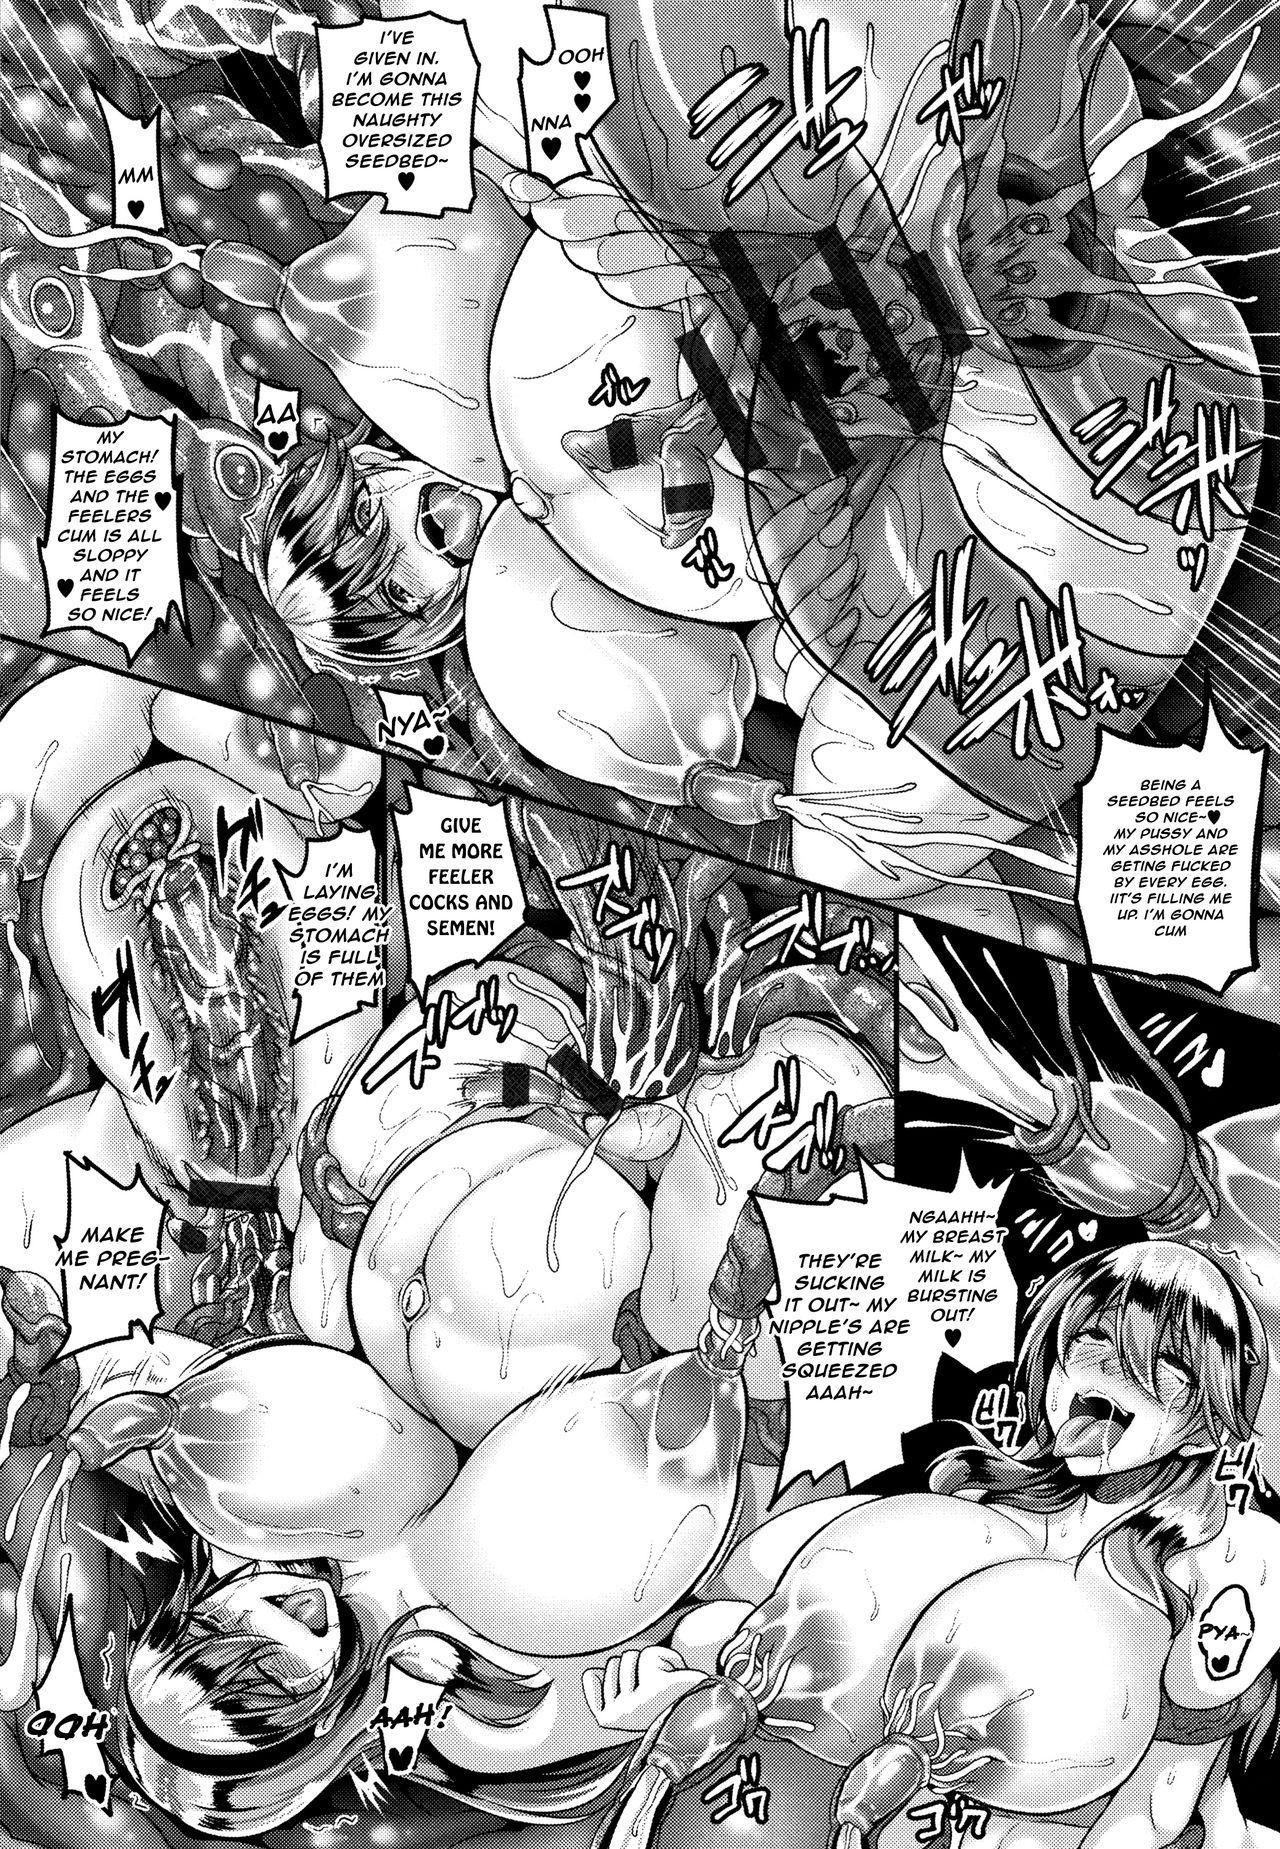 Hanshoku no Nikunaenie | The Breeding Meat Seedlings 15